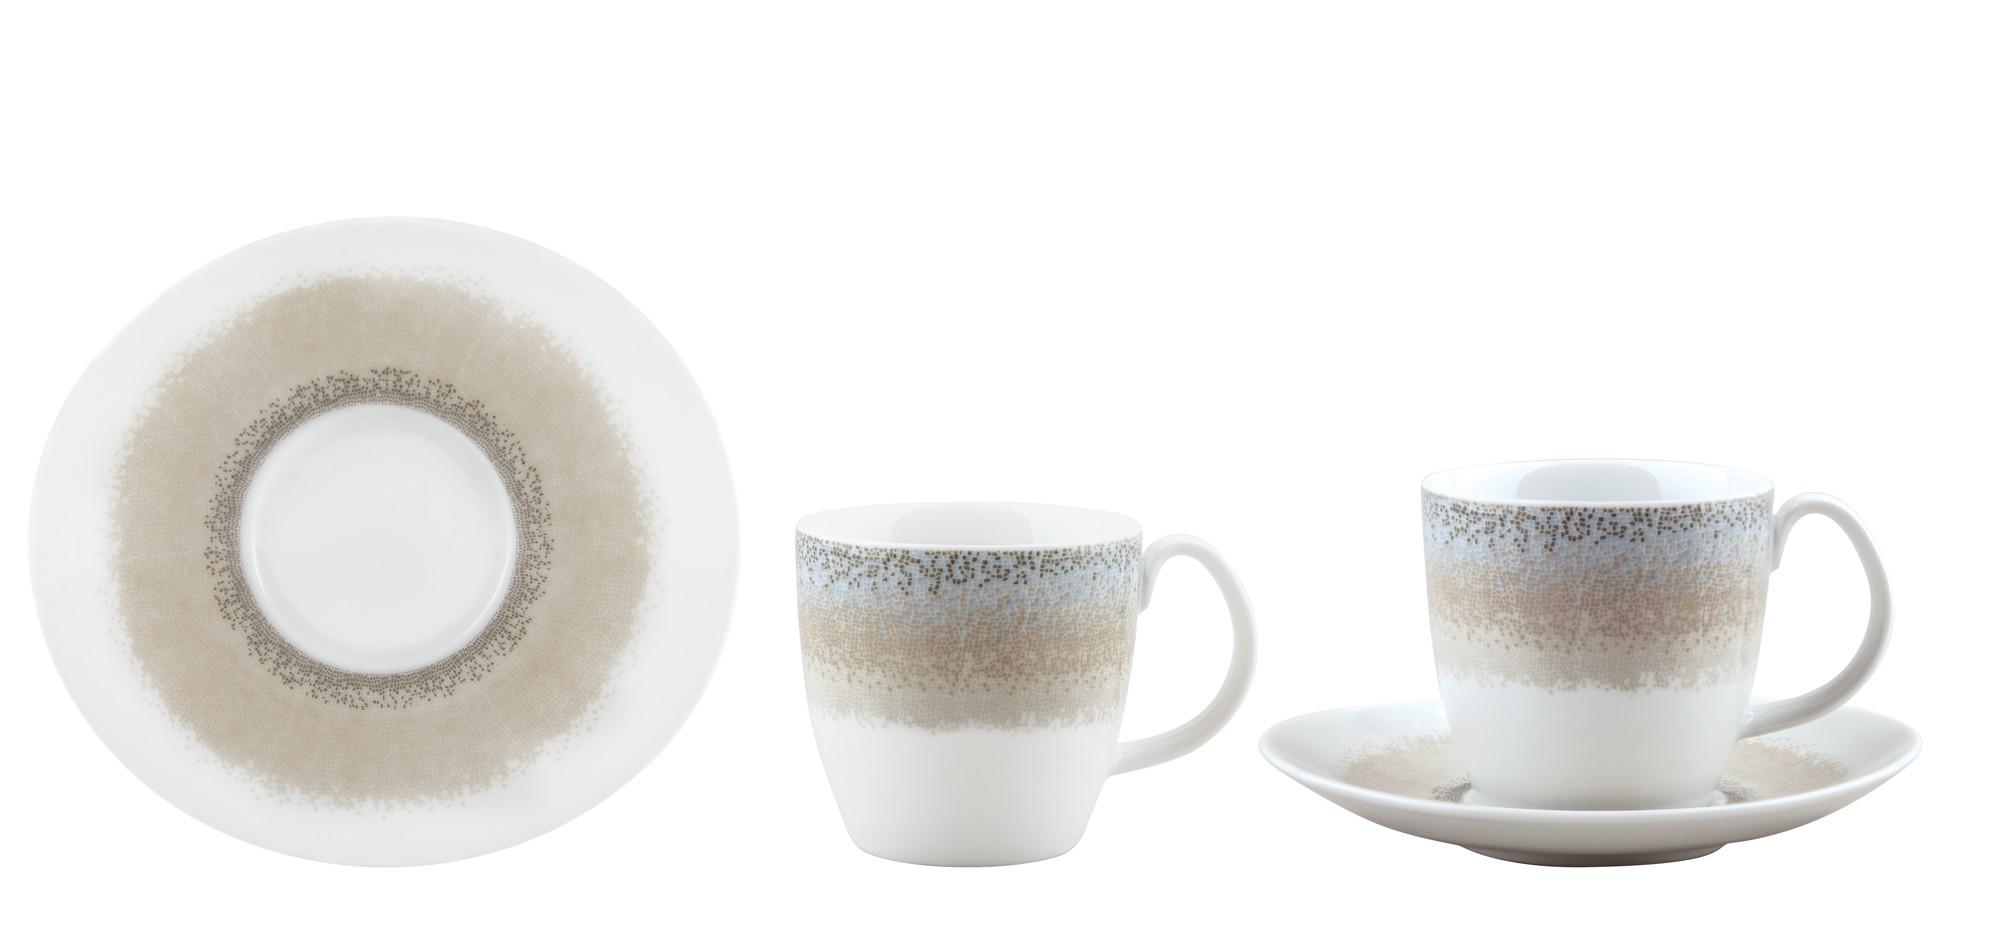 Φλυτζάνι & Πιάτο Τσαγιού Apeiron Beige Σετ 6τμχ Ionia home   ειδη cafe τσαϊ   κούπες   φλυτζάνια